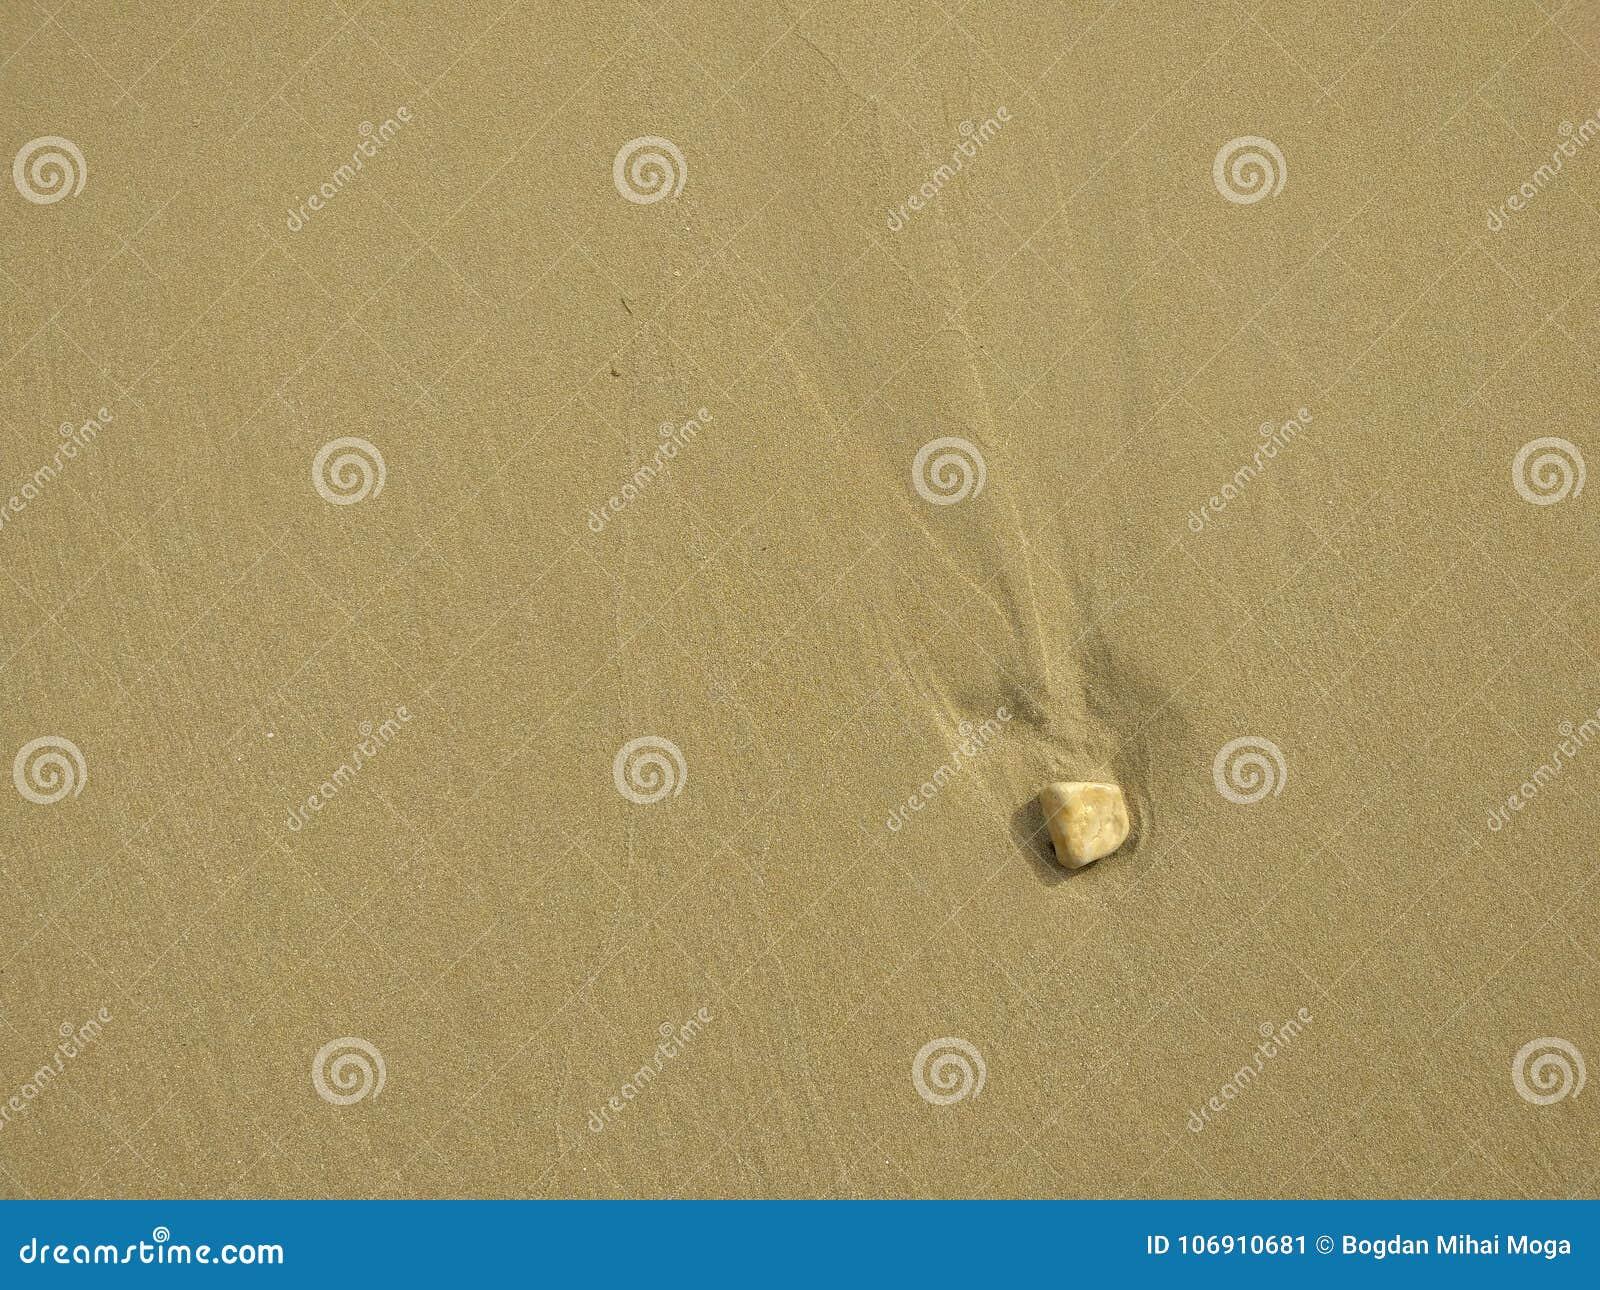 Ren strandsand på en solig vintermiddag